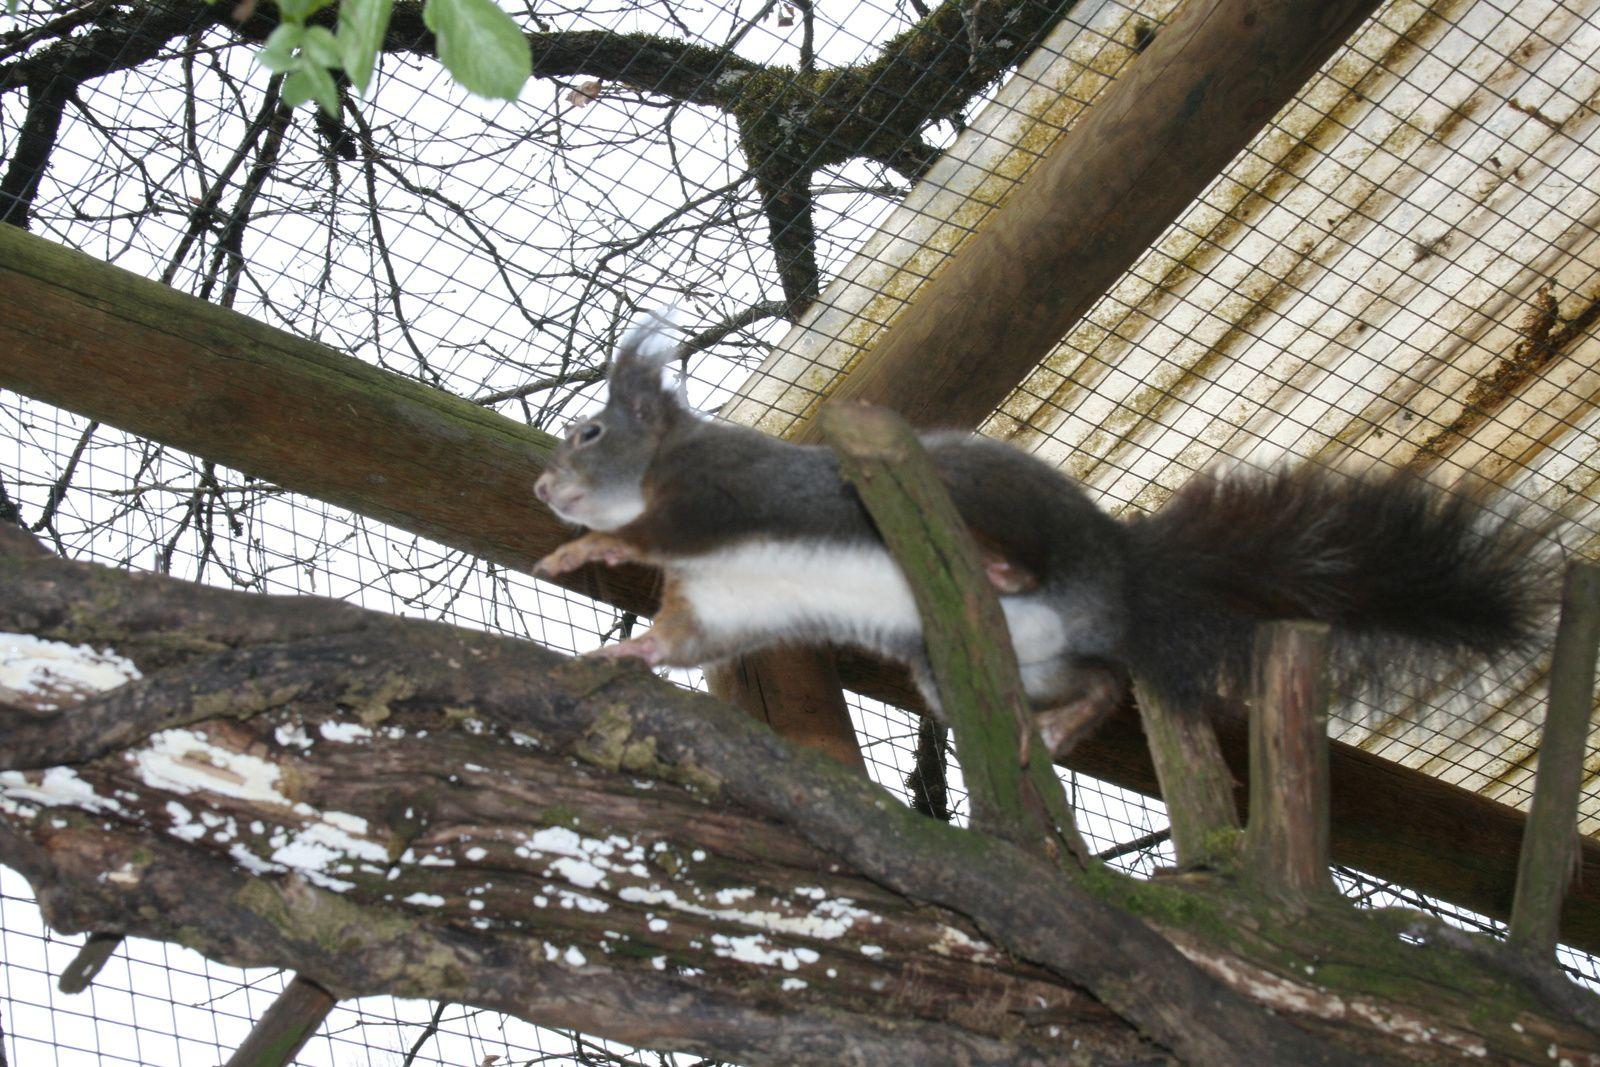 Mon incroyable journée de soigneur animalier au parc de GRAMAT